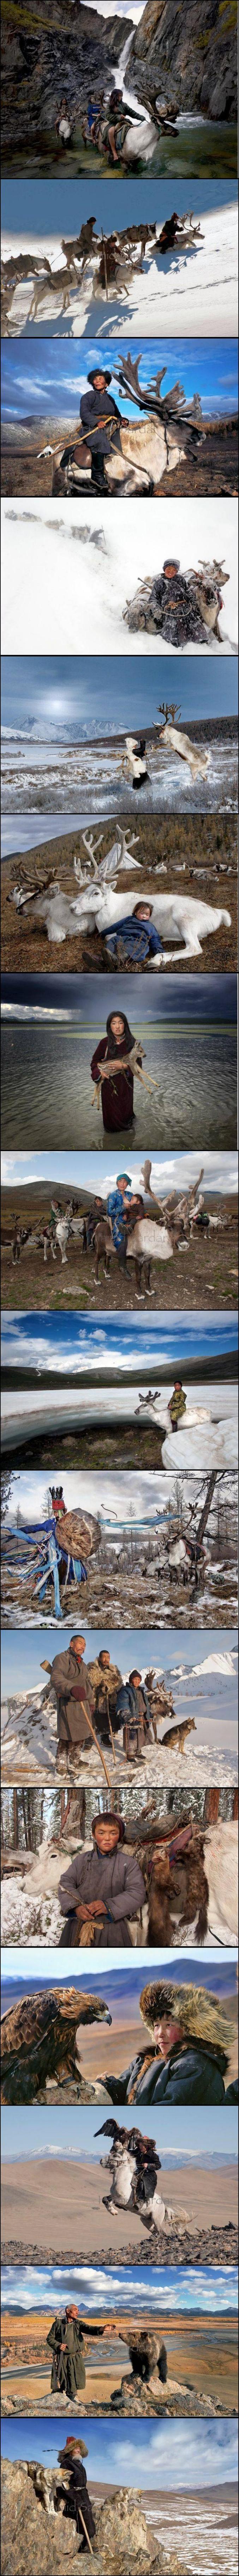 """Par le photographe Hamid Sardar-Afkhami, titulaire d'un doctorat d'Harvard en Sanskrit et études tibétaines. Vous pourrez en apprendre plus sur cette tribu dans le documentaire """"The reeinder people"""" (le peuple des rennes), du même Sardar.  Sources :  http://hamidsardarphoto.com/ http://www.theunknownbutnothidden.com/incredible-nomadic-mongolians-ride-reindeer-hunt-wolves-eagles/"""